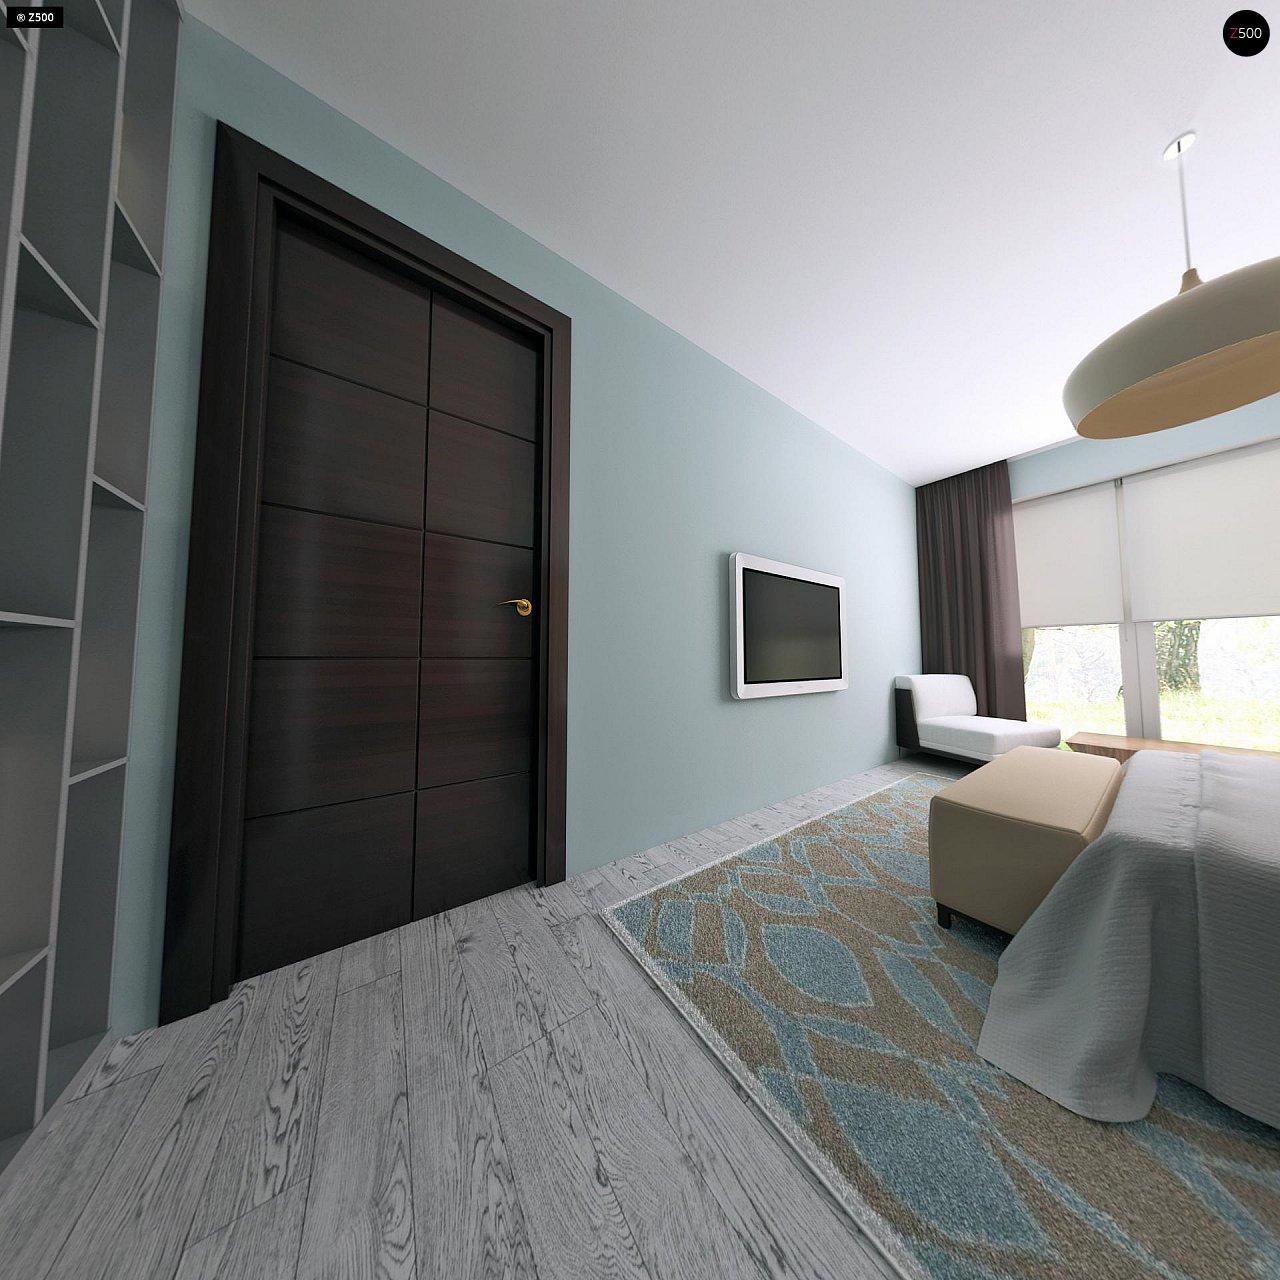 Практичный одноэтажный дом с четырьмя спальнями и гаражом. 12